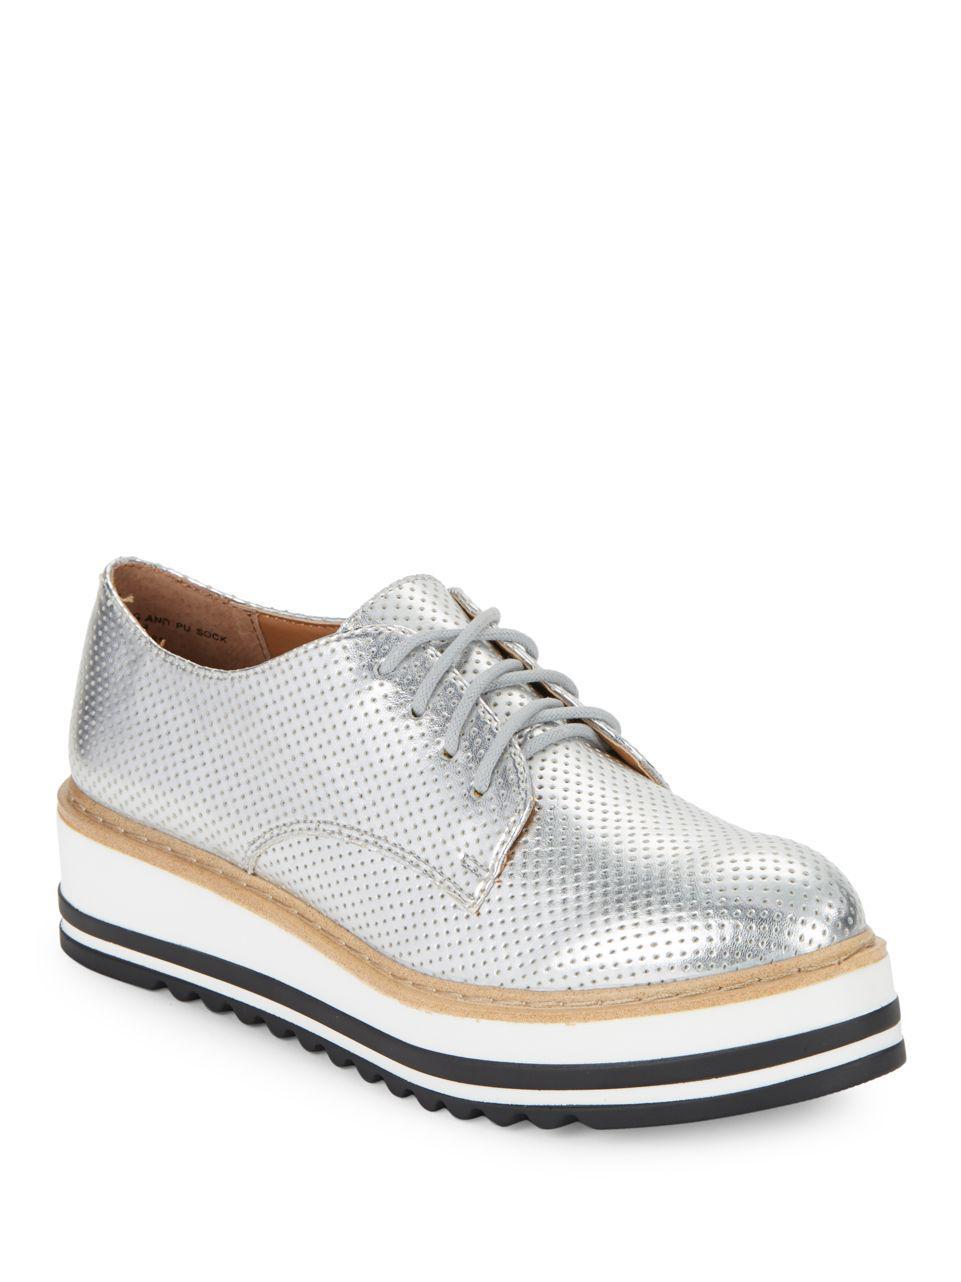 steve madden platform shoes reduced